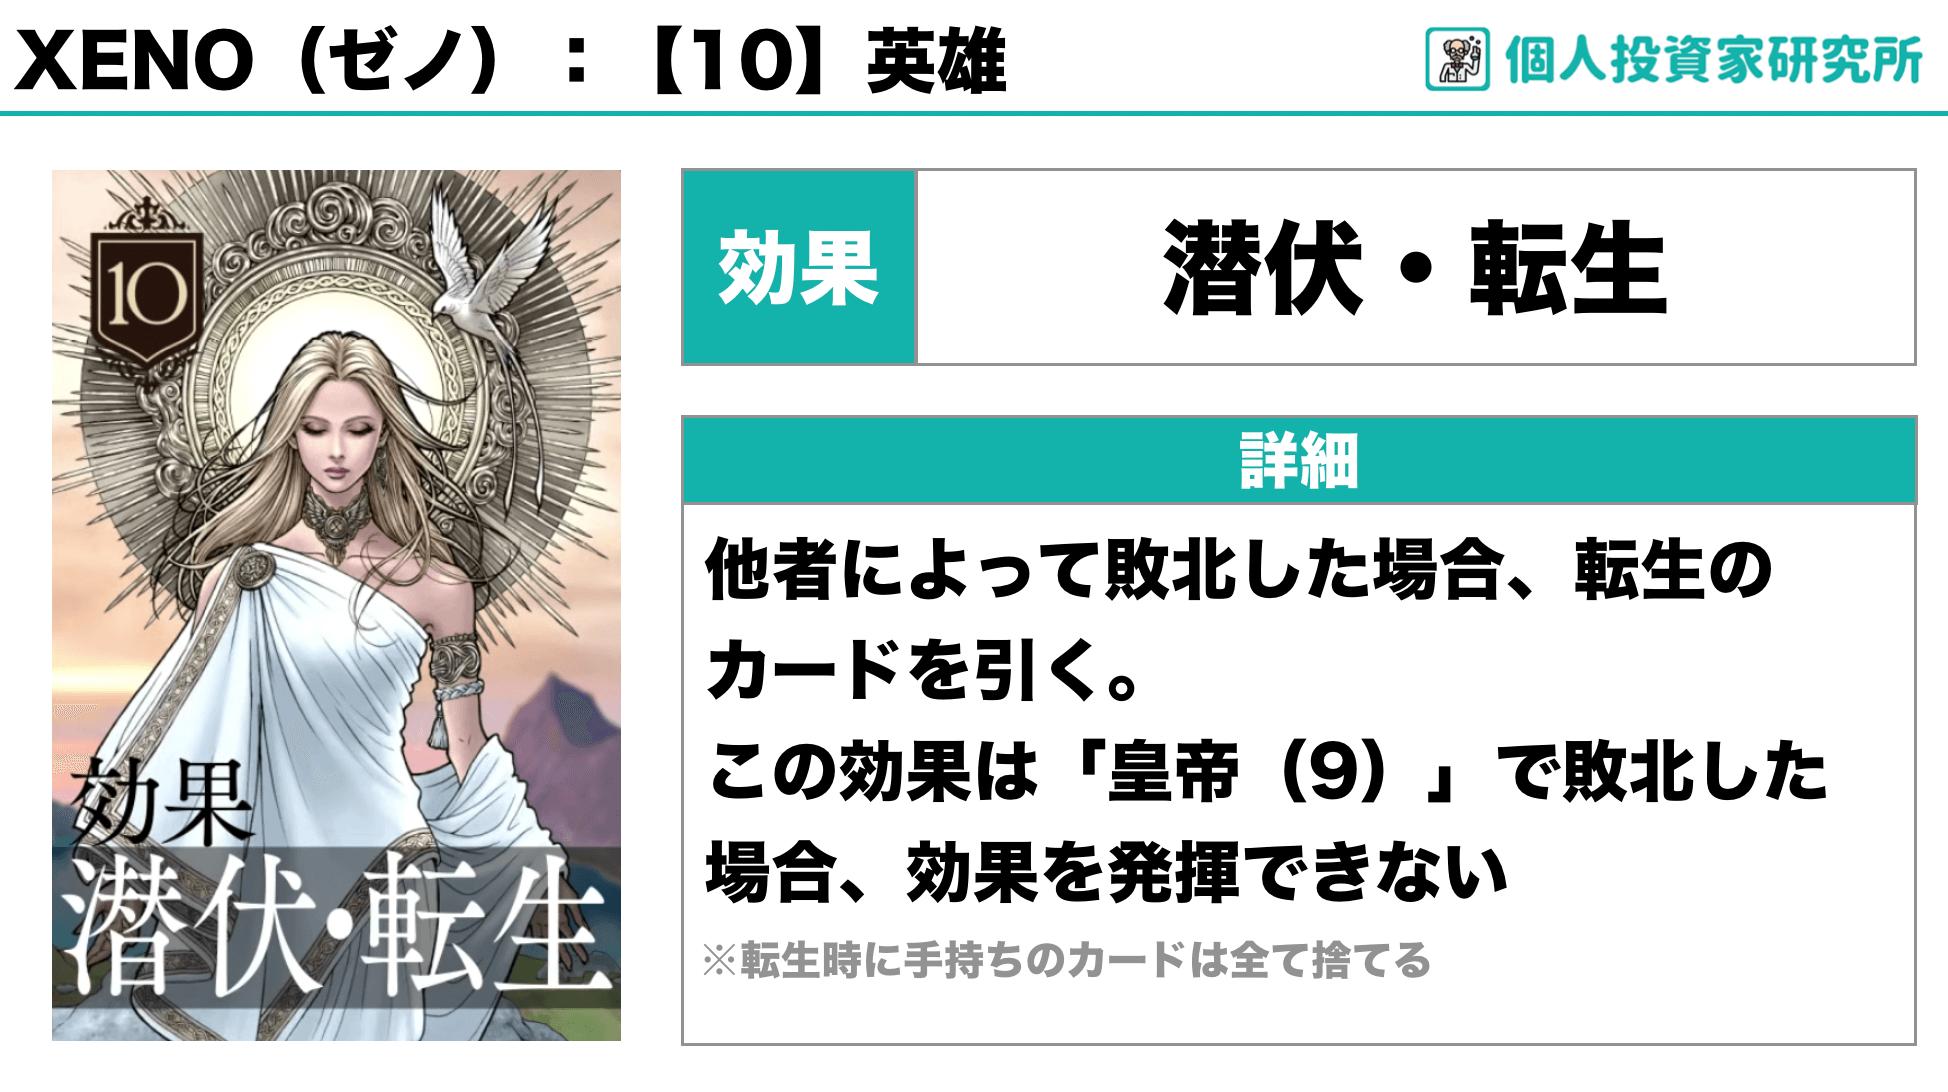 【ルール_カードの効果】中田敦彦さん考案のカードゲーム・XENO(ゼノ) 10